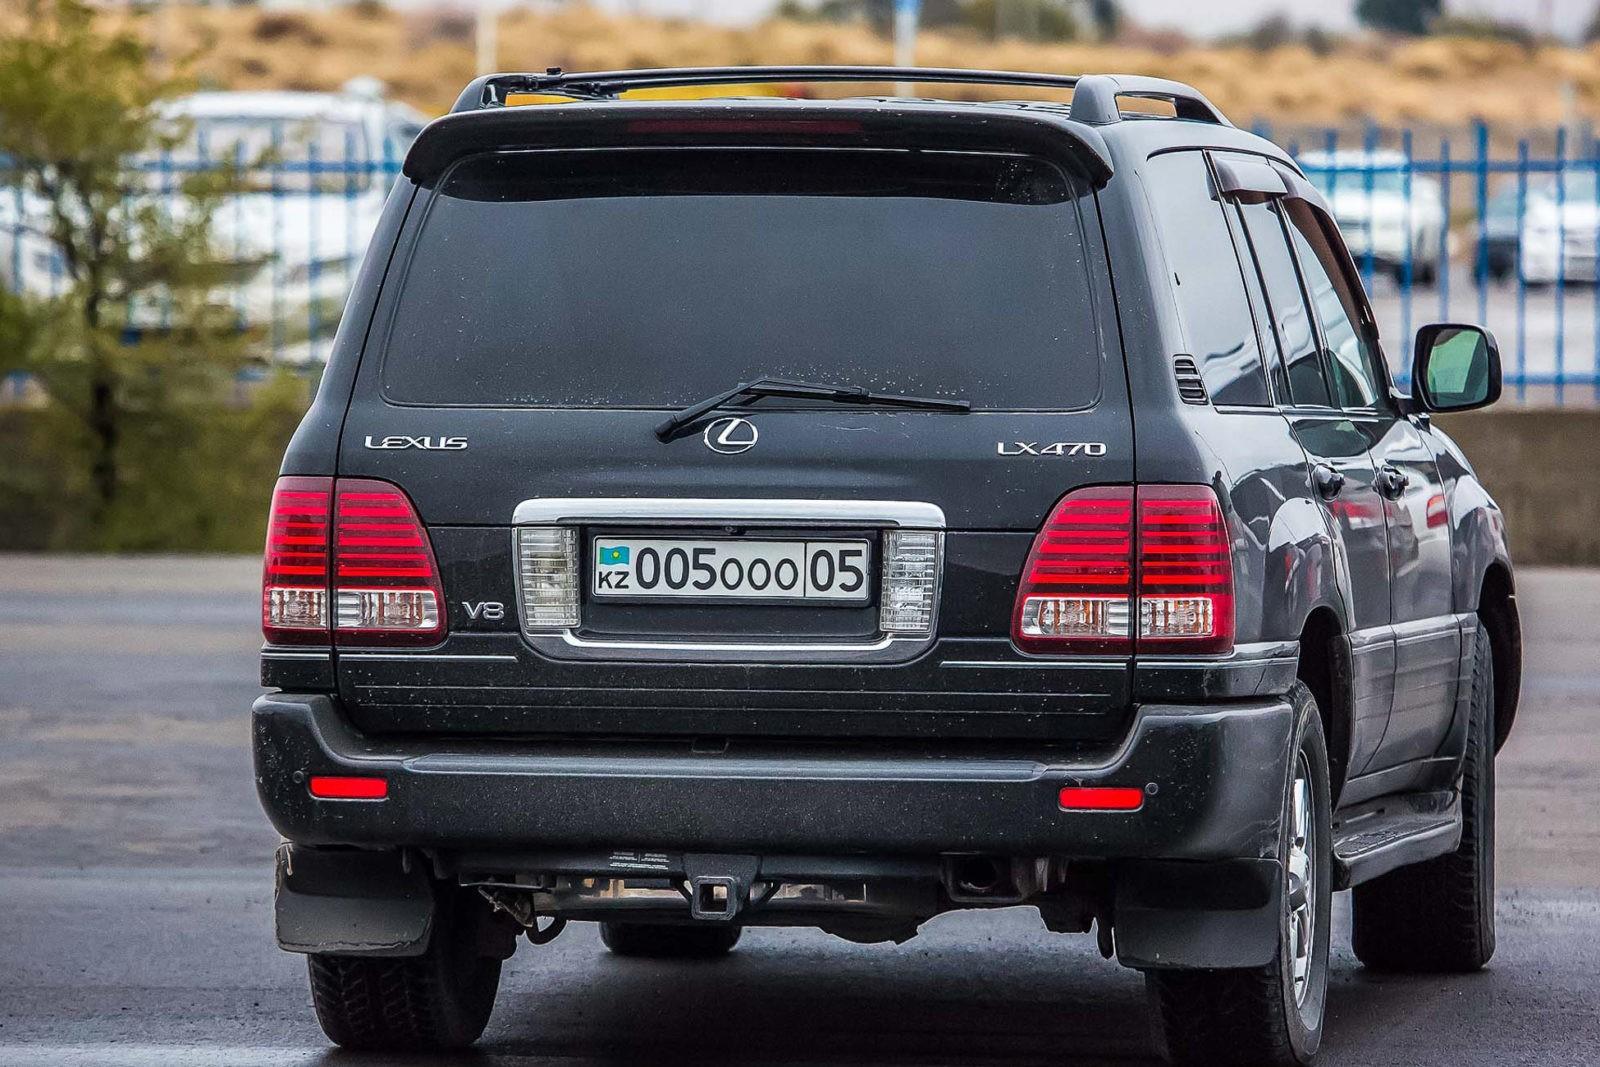 Автостраховка при въезде в Россию ОСАГО для иностранных автомобилей страховка для авто зарегистрированных за рубежом